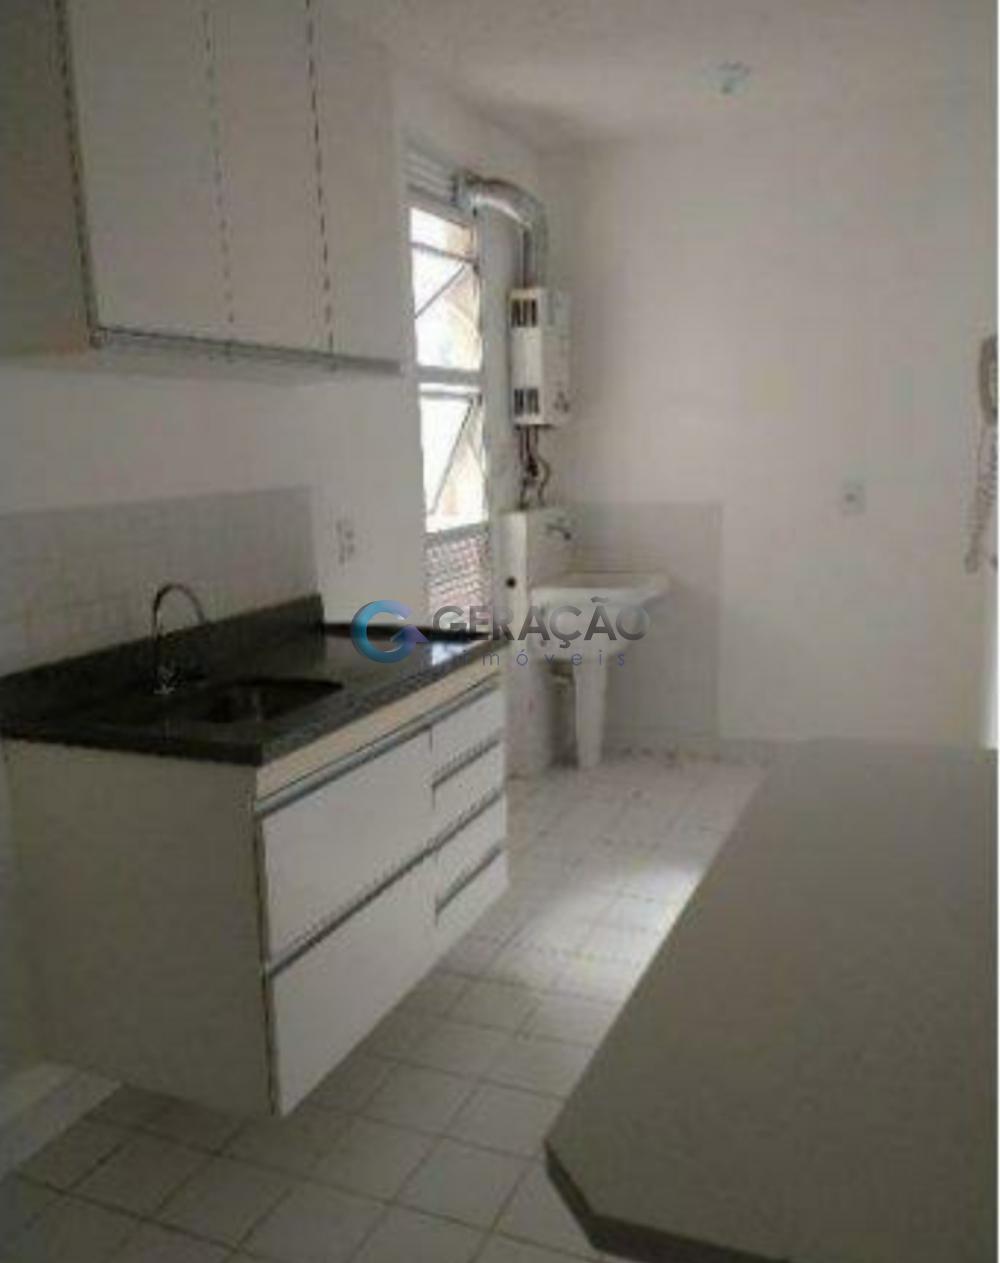 Comprar Apartamento / Padrão em São José dos Campos apenas R$ 200.000,00 - Foto 2